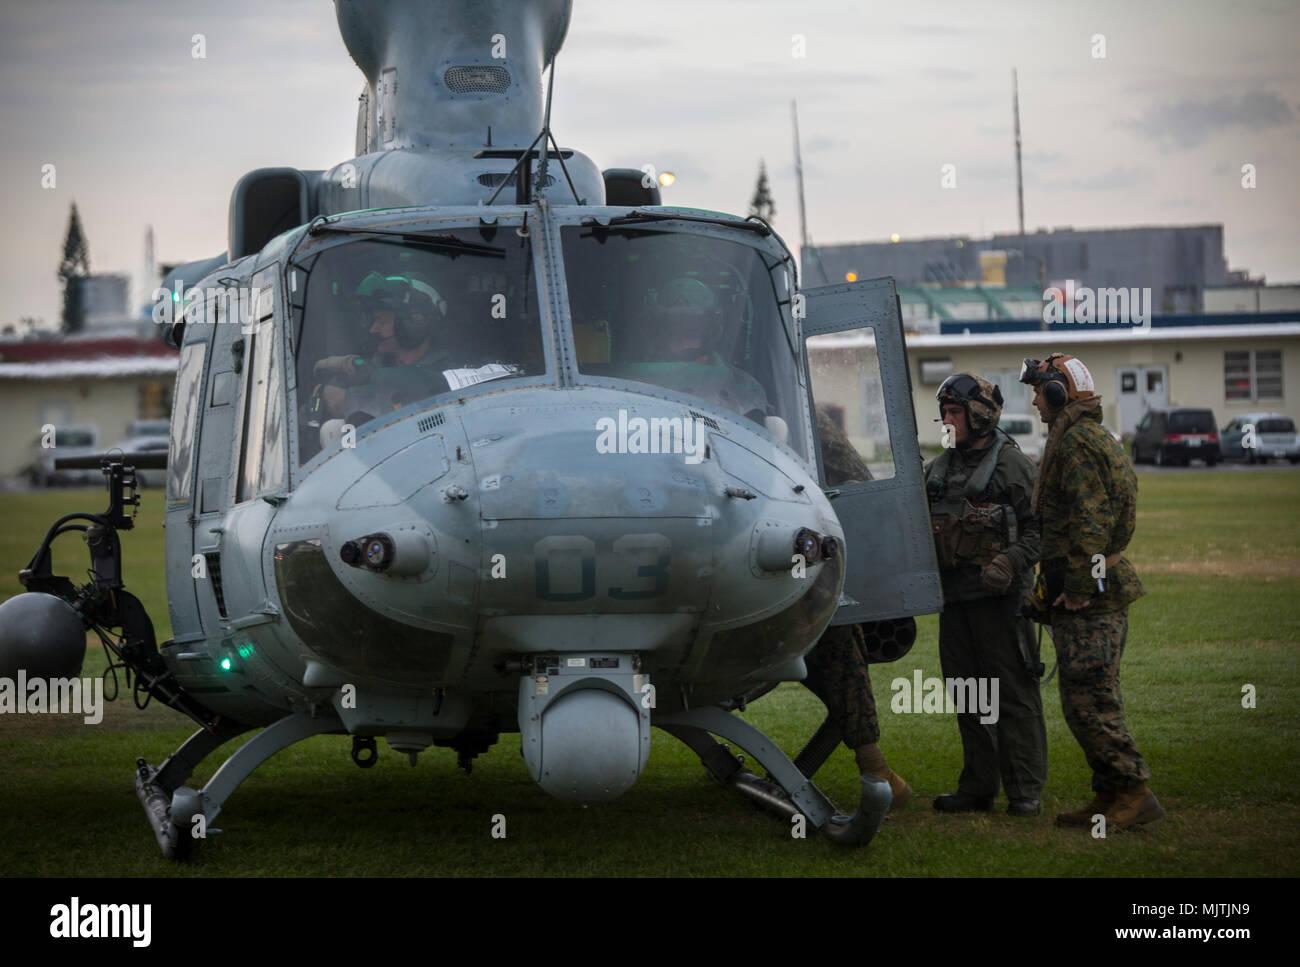 """Un jefe de tripulación de pasajeros placas en un UH-1Y Venom en Camp Foster, Okinawa, Japón, 15 de diciembre de 2017. Luz marina escuadrón de helicópteros de ataque 369 proporciona el Teniente General Brian D. Beaudreault, comandante adjunto de los planes, políticas y operaciones, un vuelo alrededor de la Prefectura de Okinawa para evaluar la calidad de los servicios de la Marine Corps chowhalls. """"Gunfighters"""" dispuestos a actuar en un momento dado es crucial para mantener una más fuerte, más capaz transmita fuerza desplegada en la región del Pacífico Indo-Asia. HMLA-369, Marina, 3er grupo 39 aviones de alas de avión Marino, está actualmente desplegadas bajo Foto de stock"""